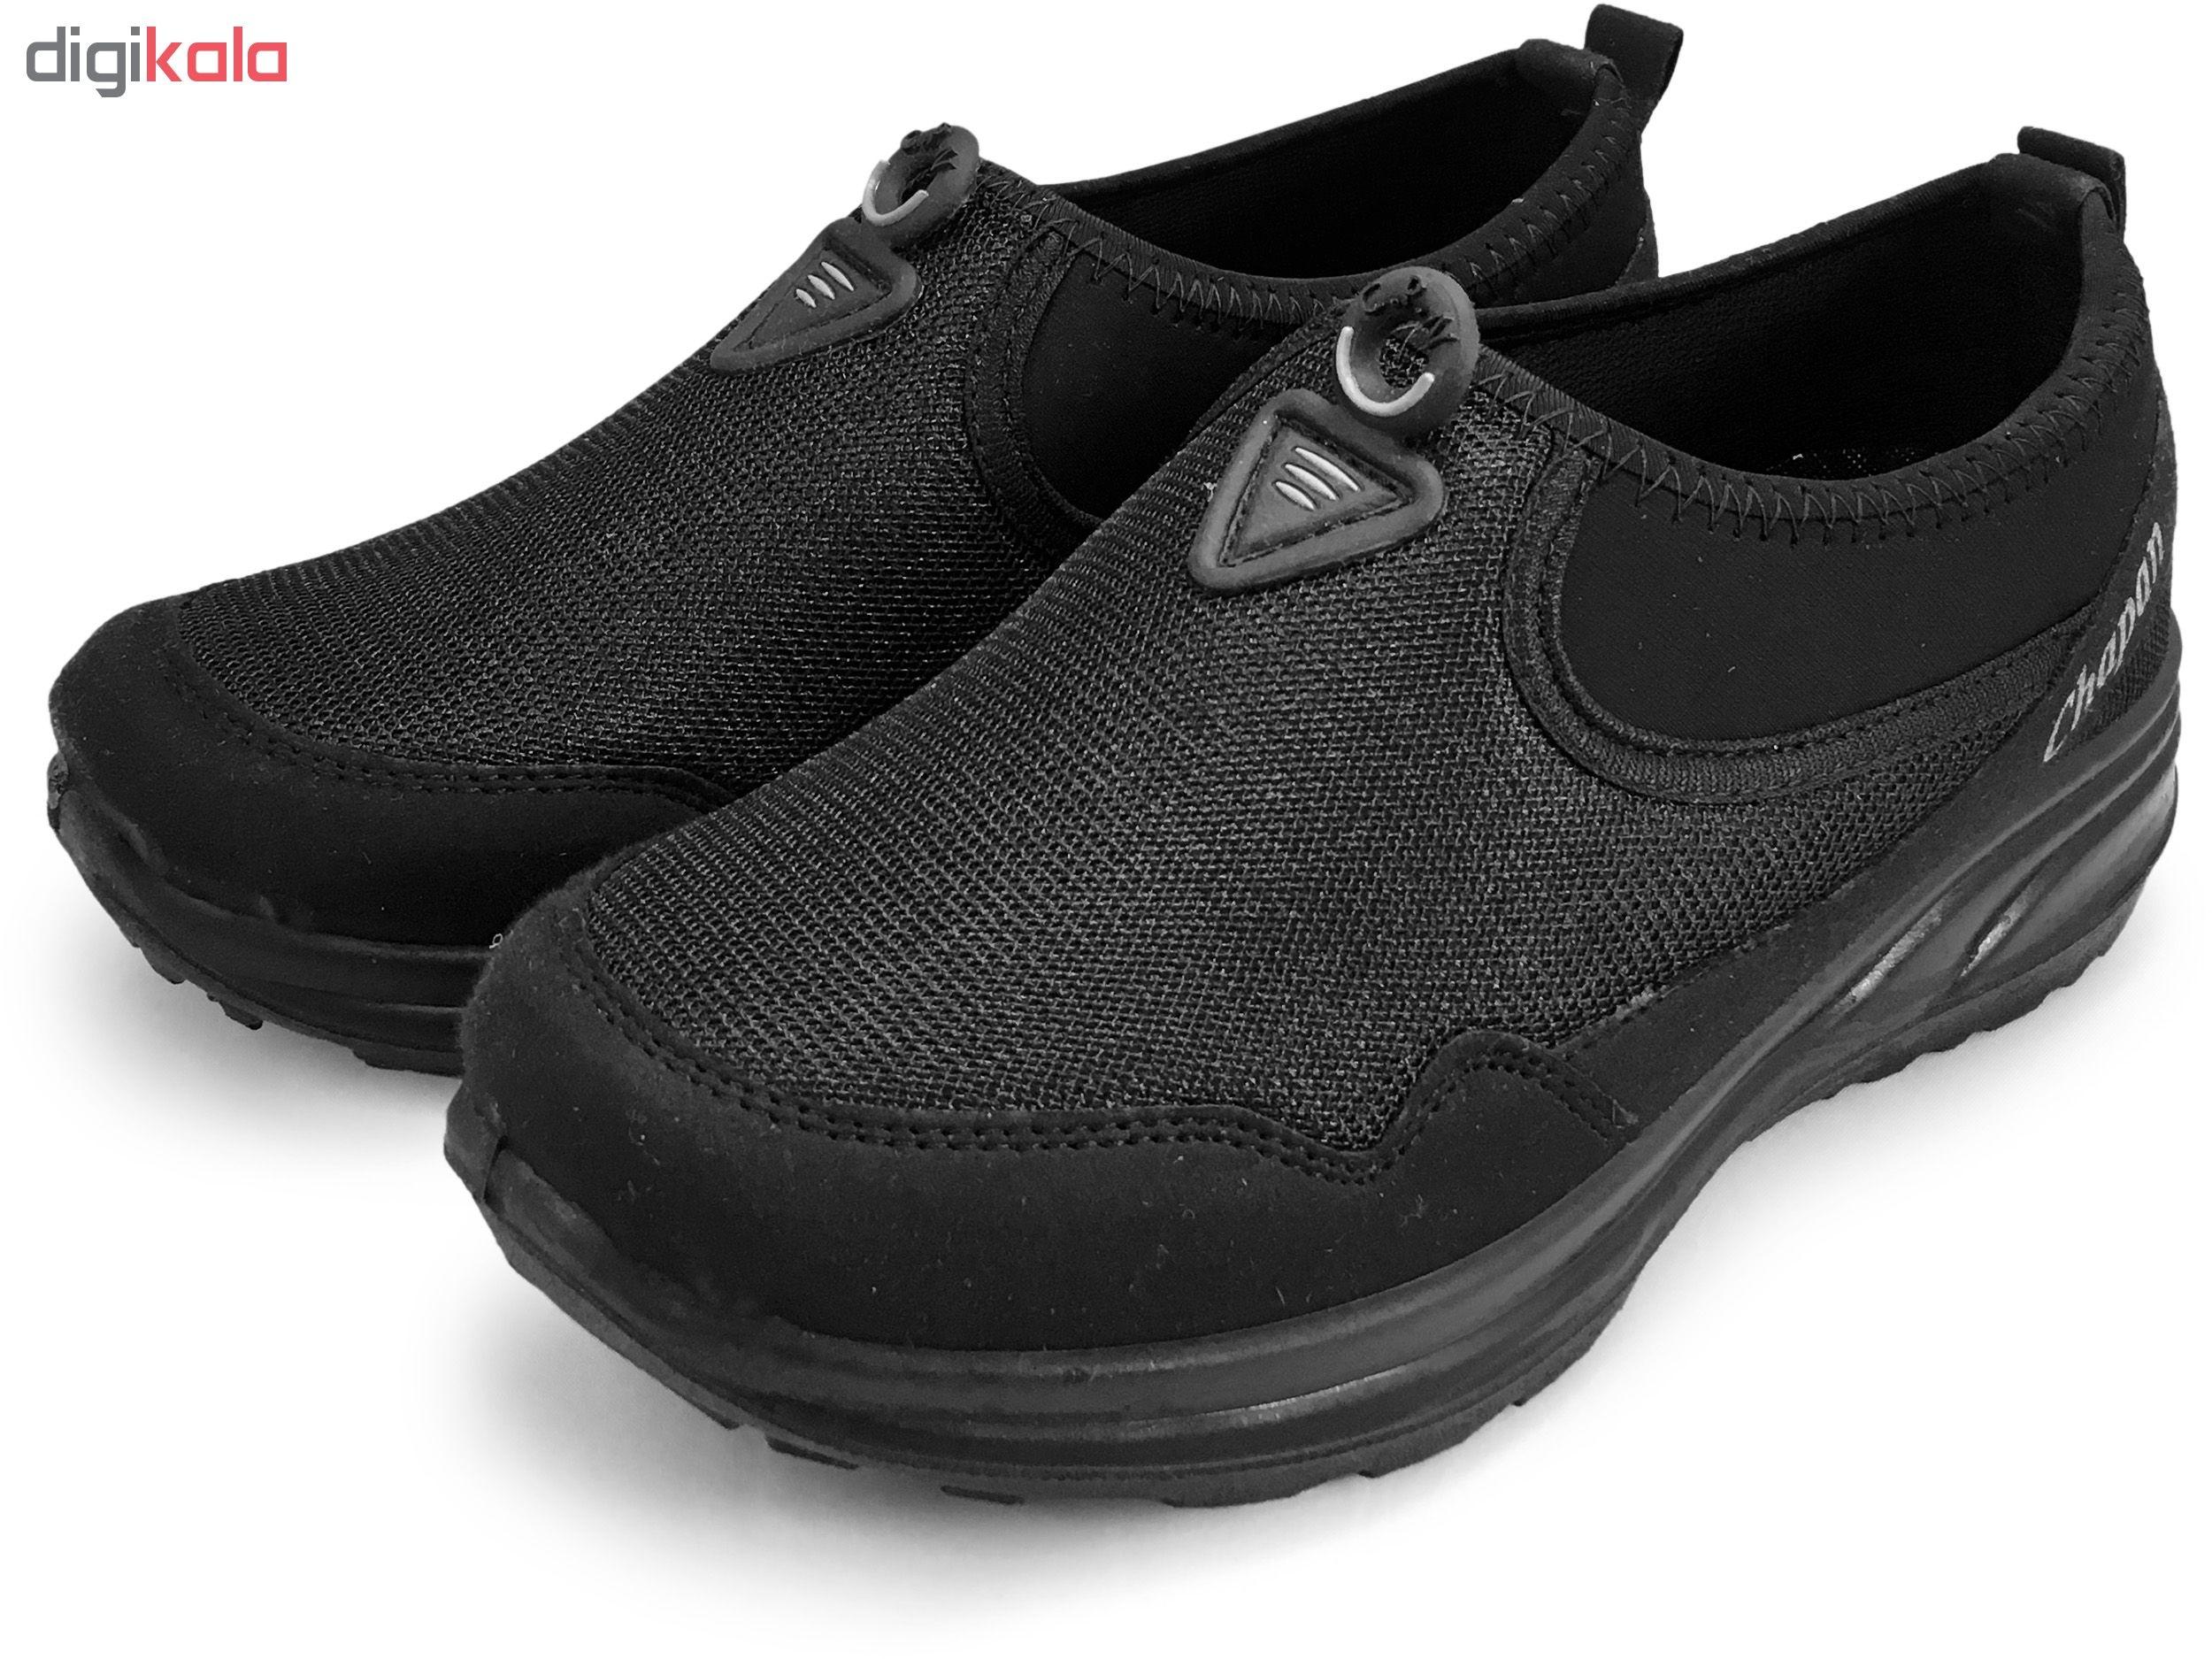 کفش مخصوص پیاده روی نه چپان کد 3665